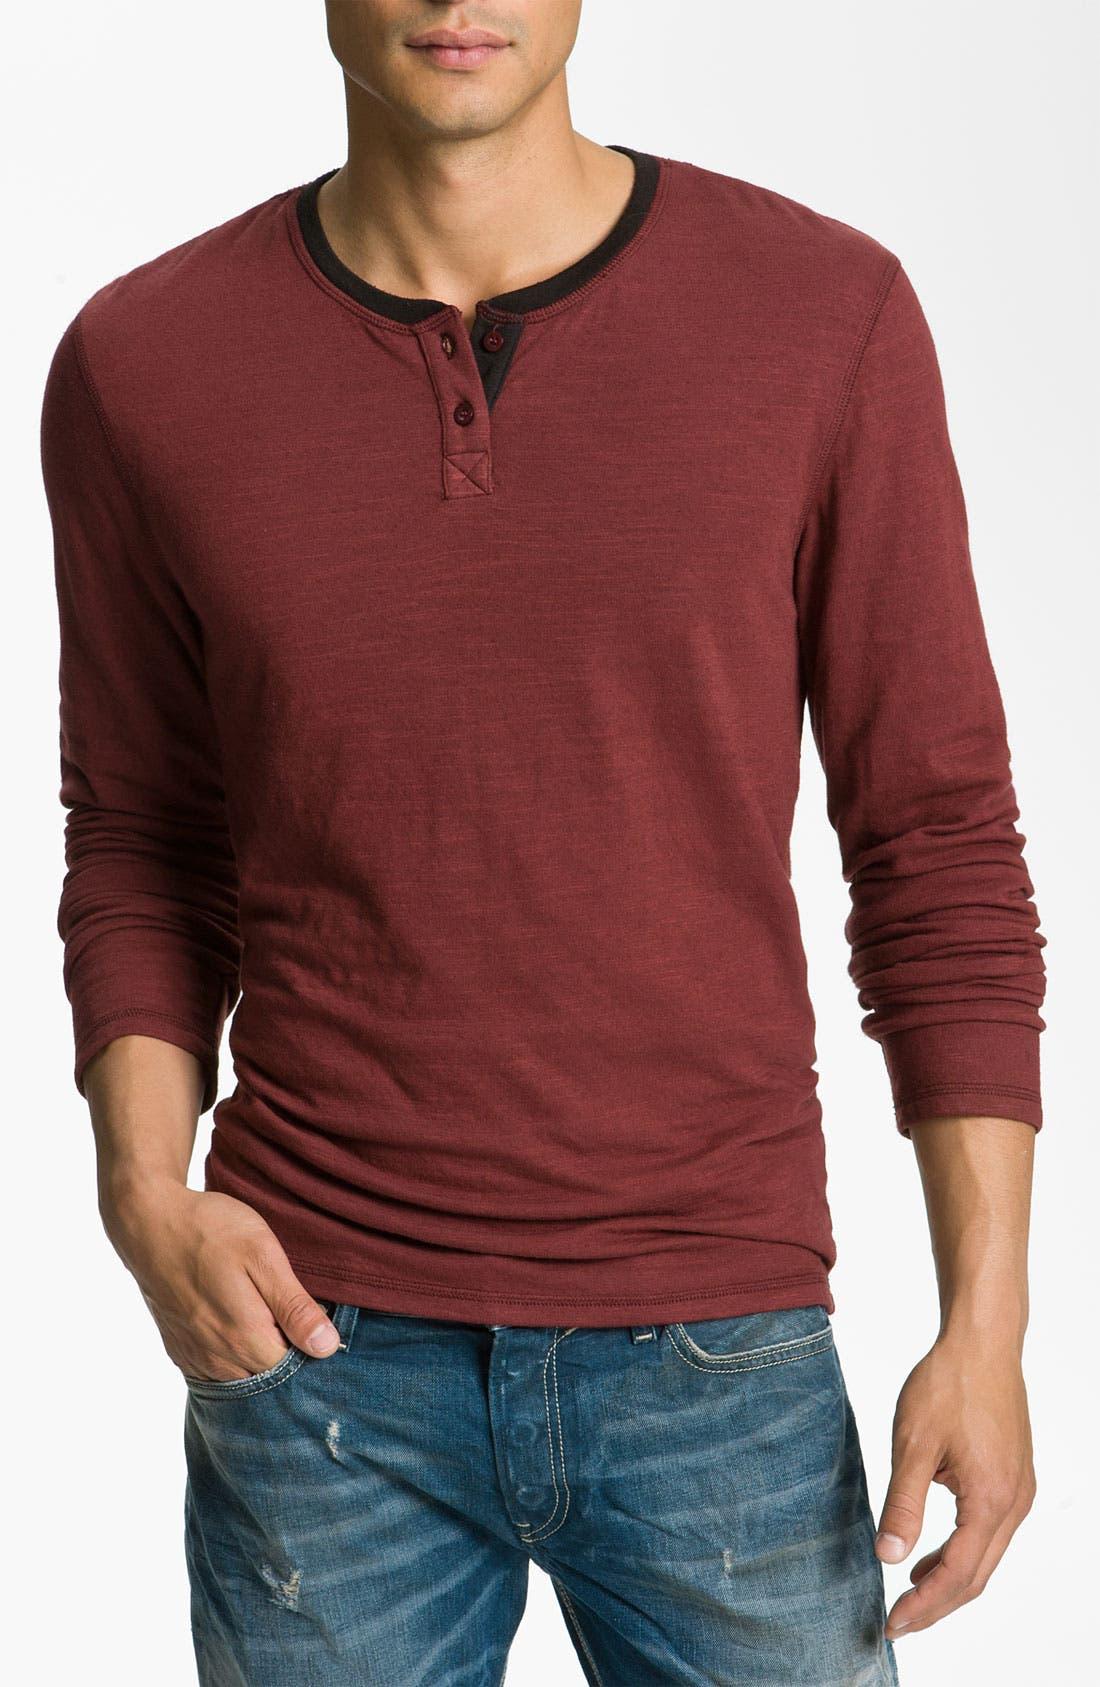 Alternate Image 1 Selected - NSF Clothing 'Bo' Slub Knit Henley